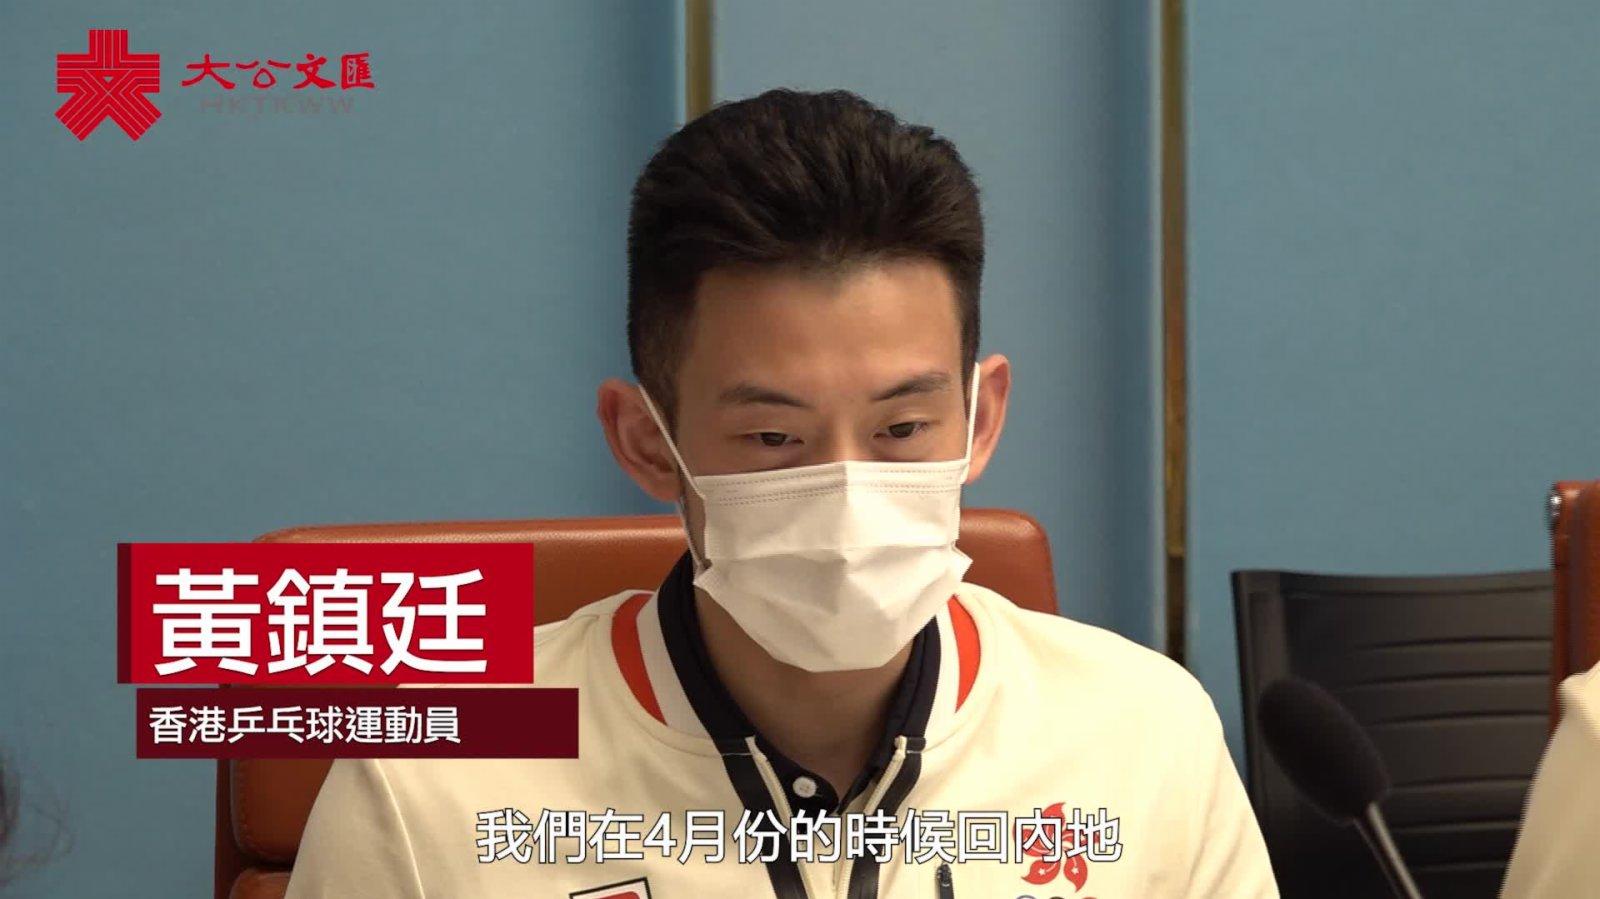 港乒隊員與國家隊一同訓練收穫滿滿 黃鎮廷冀有更多交流機會